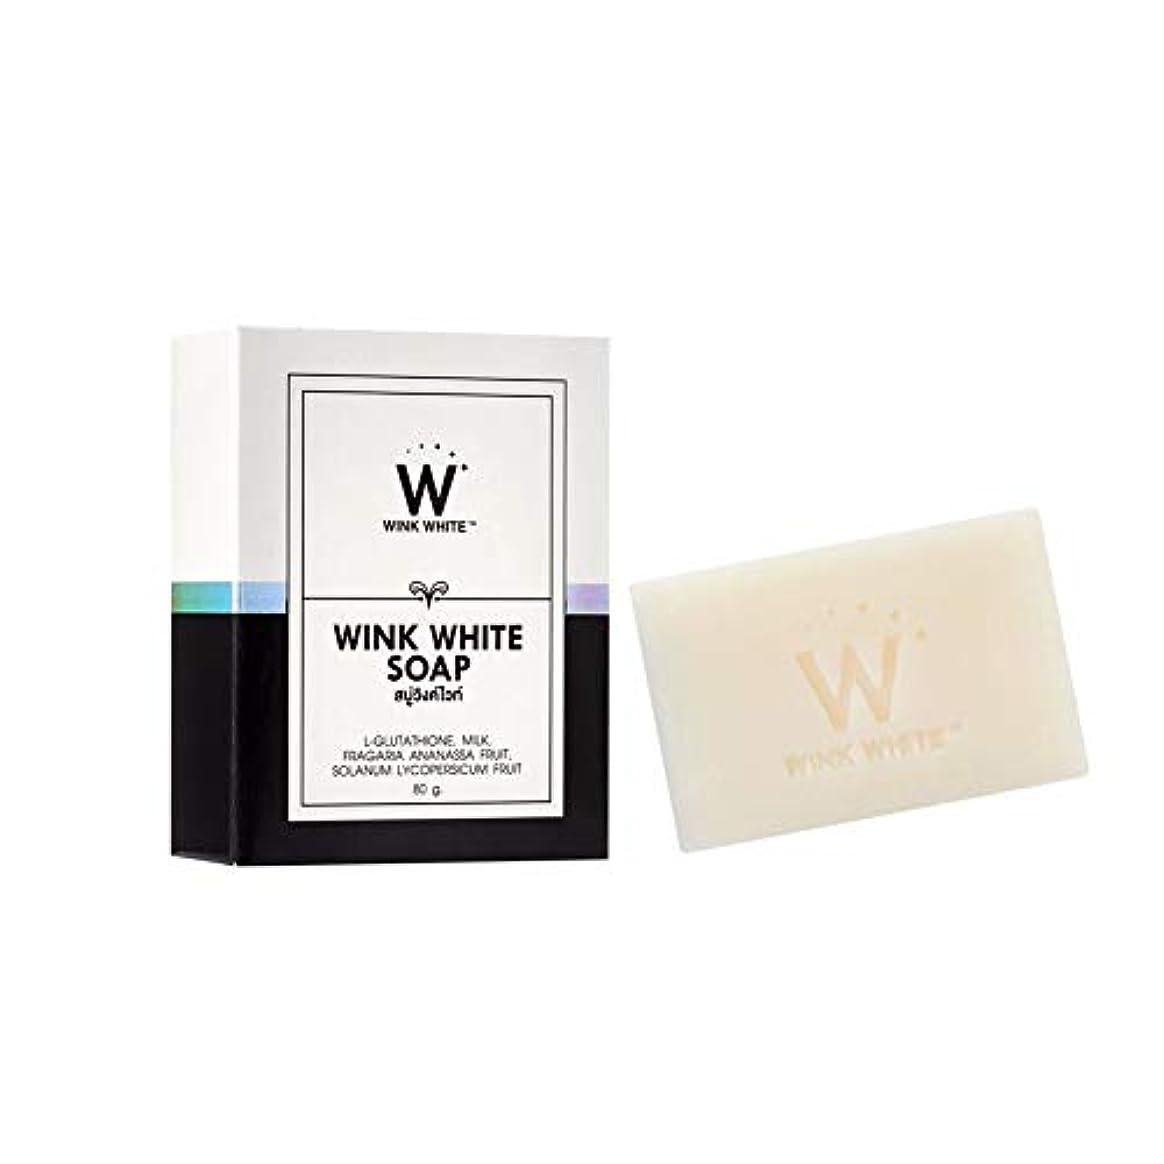 シンカンケーブルカー突き刺すSoap Net Nature White Soap Base Wink White Soap Gluta Pure Skin Body Whitening Strawberry for Whitening Skin All...